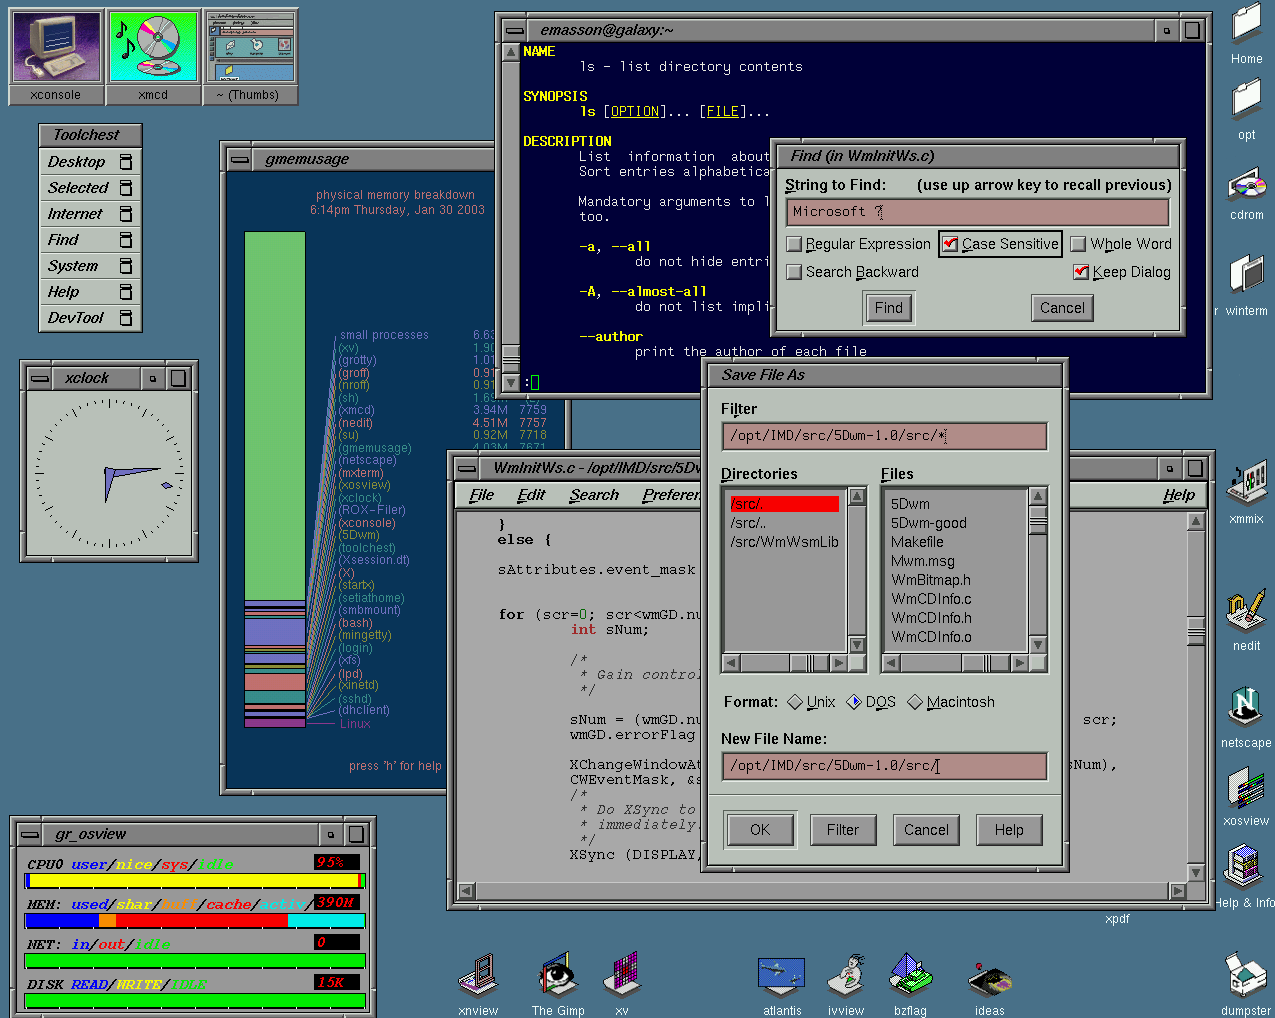 [Imagen: Desktop.png]